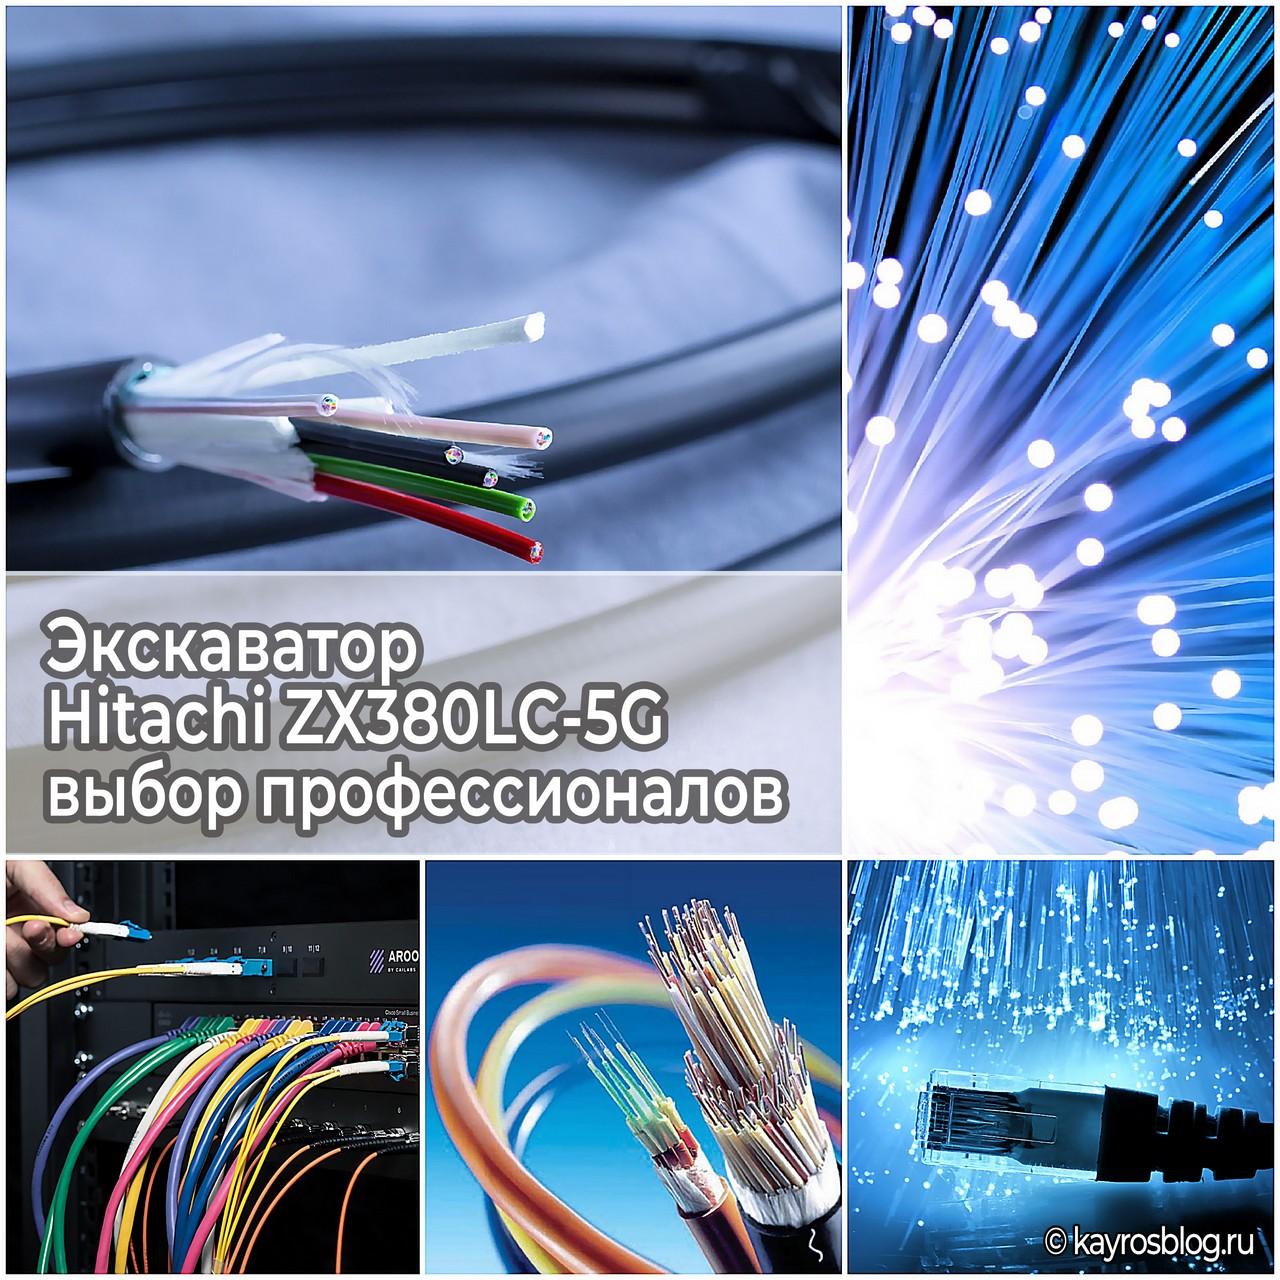 Экскаватор Hitachi ZX380LC-5G - выбор профессионалов